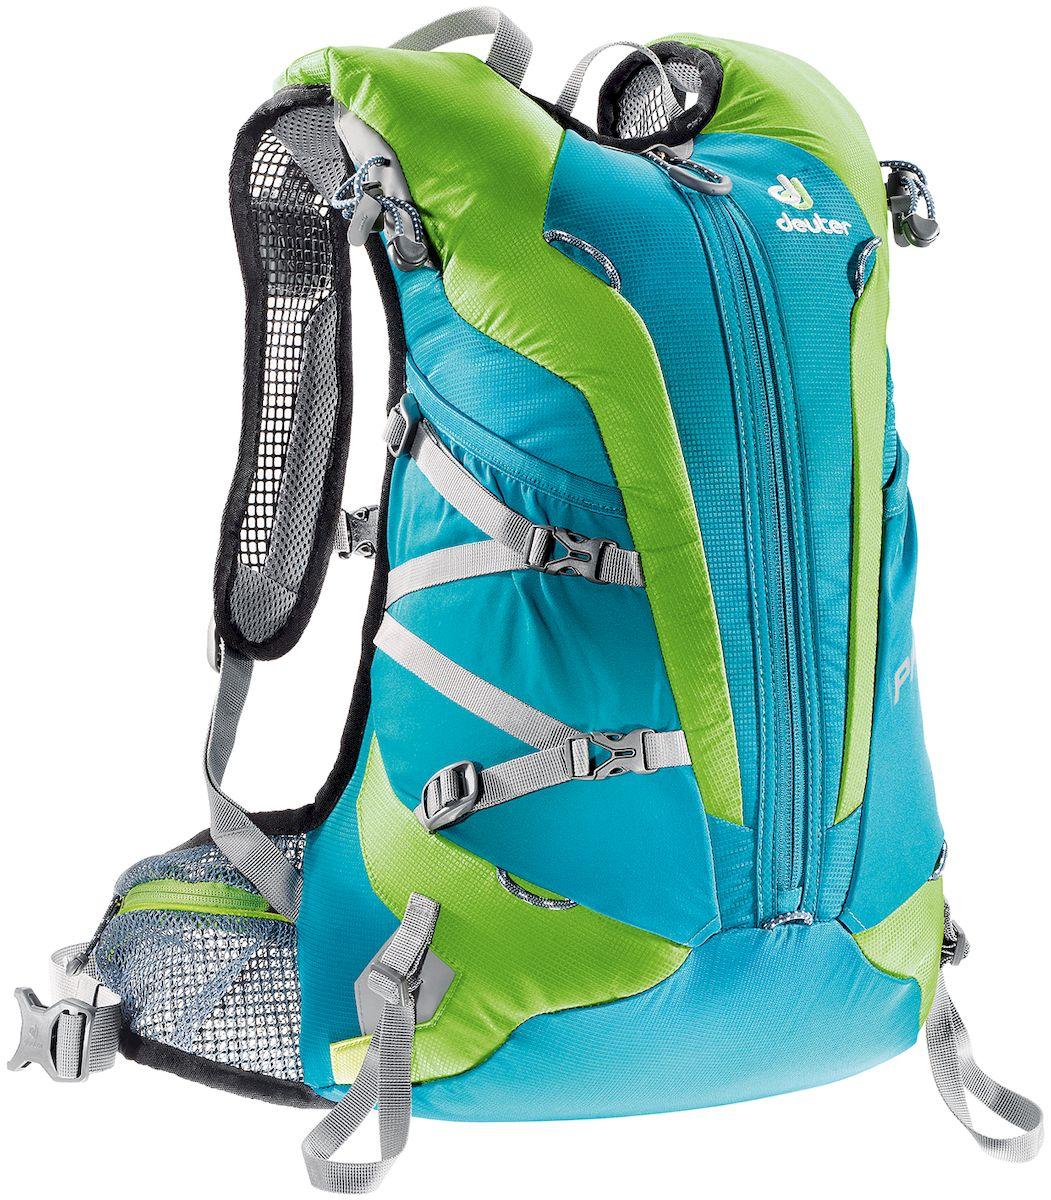 Рюкзак Deuter Pace 20 Petrol-Kiwi, цвет: салатовый, голубой, 20 л велорюкзак с отделением для ноутбука deuter giga bike 28 л 80444 3980 сине голубой